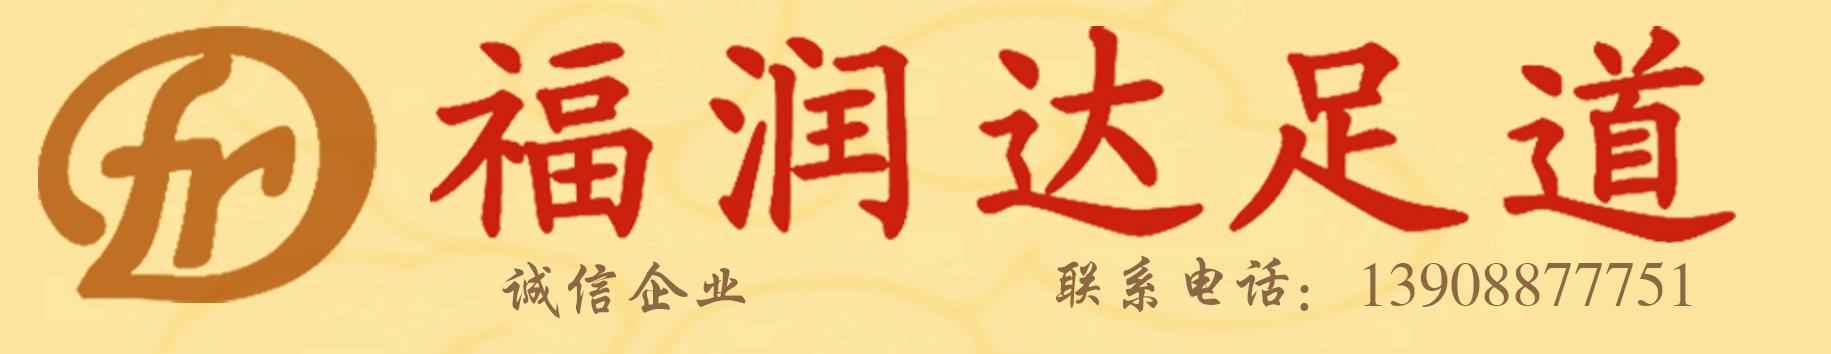 云南福润达健康管理有限公司